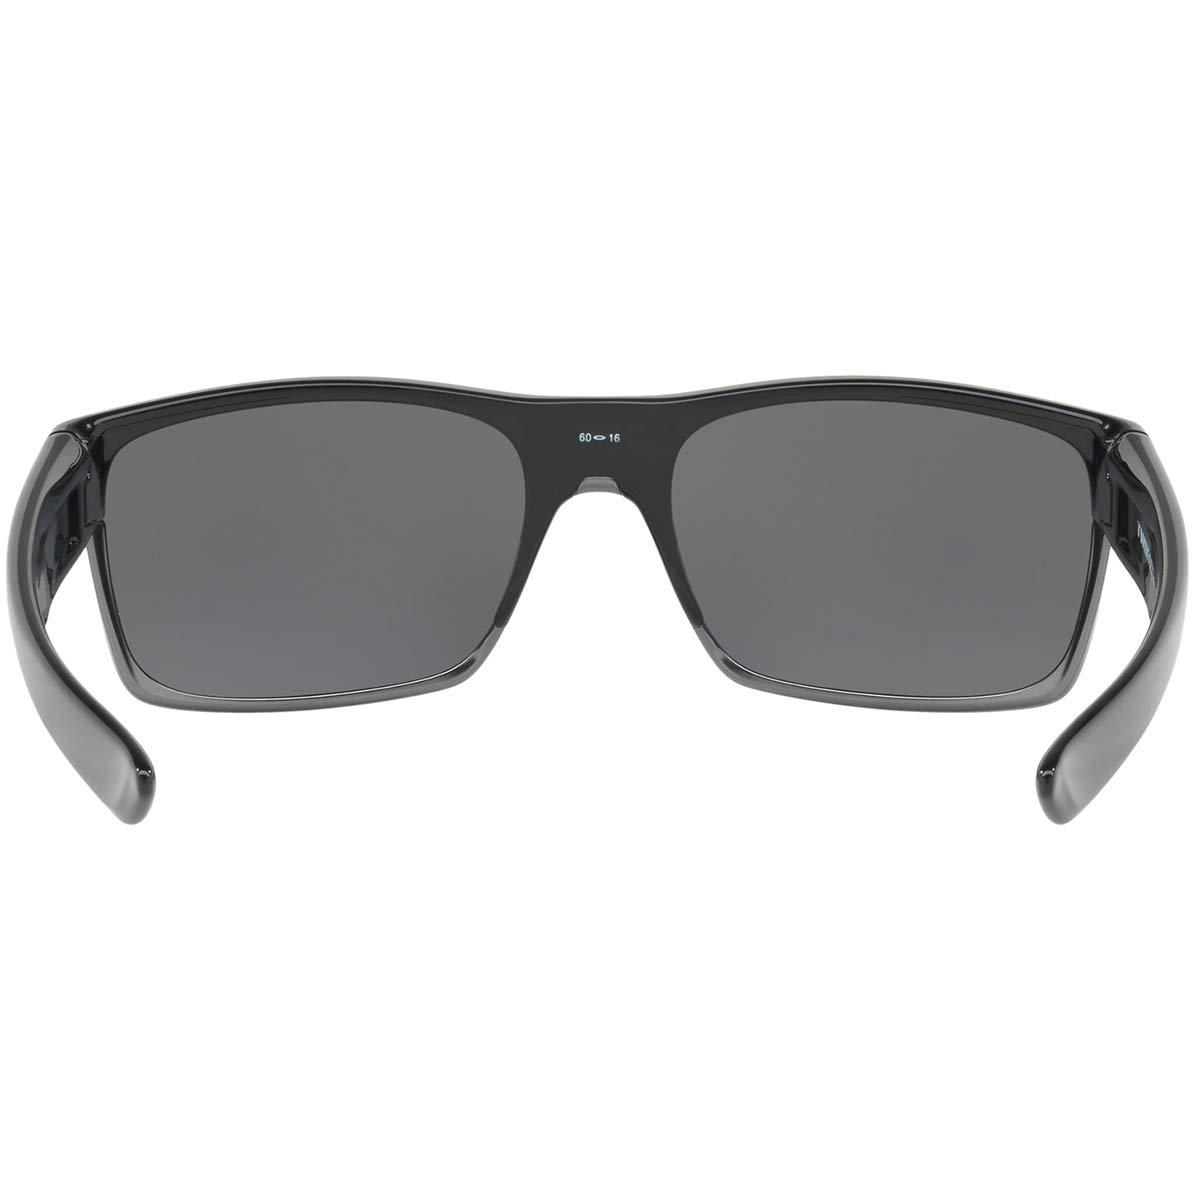 7fbbfb2e0 Amazon.com: Oakley Twoface Polarized Rectangular Sunglasses,Polished Black,One  Size: Oakley: Clothing